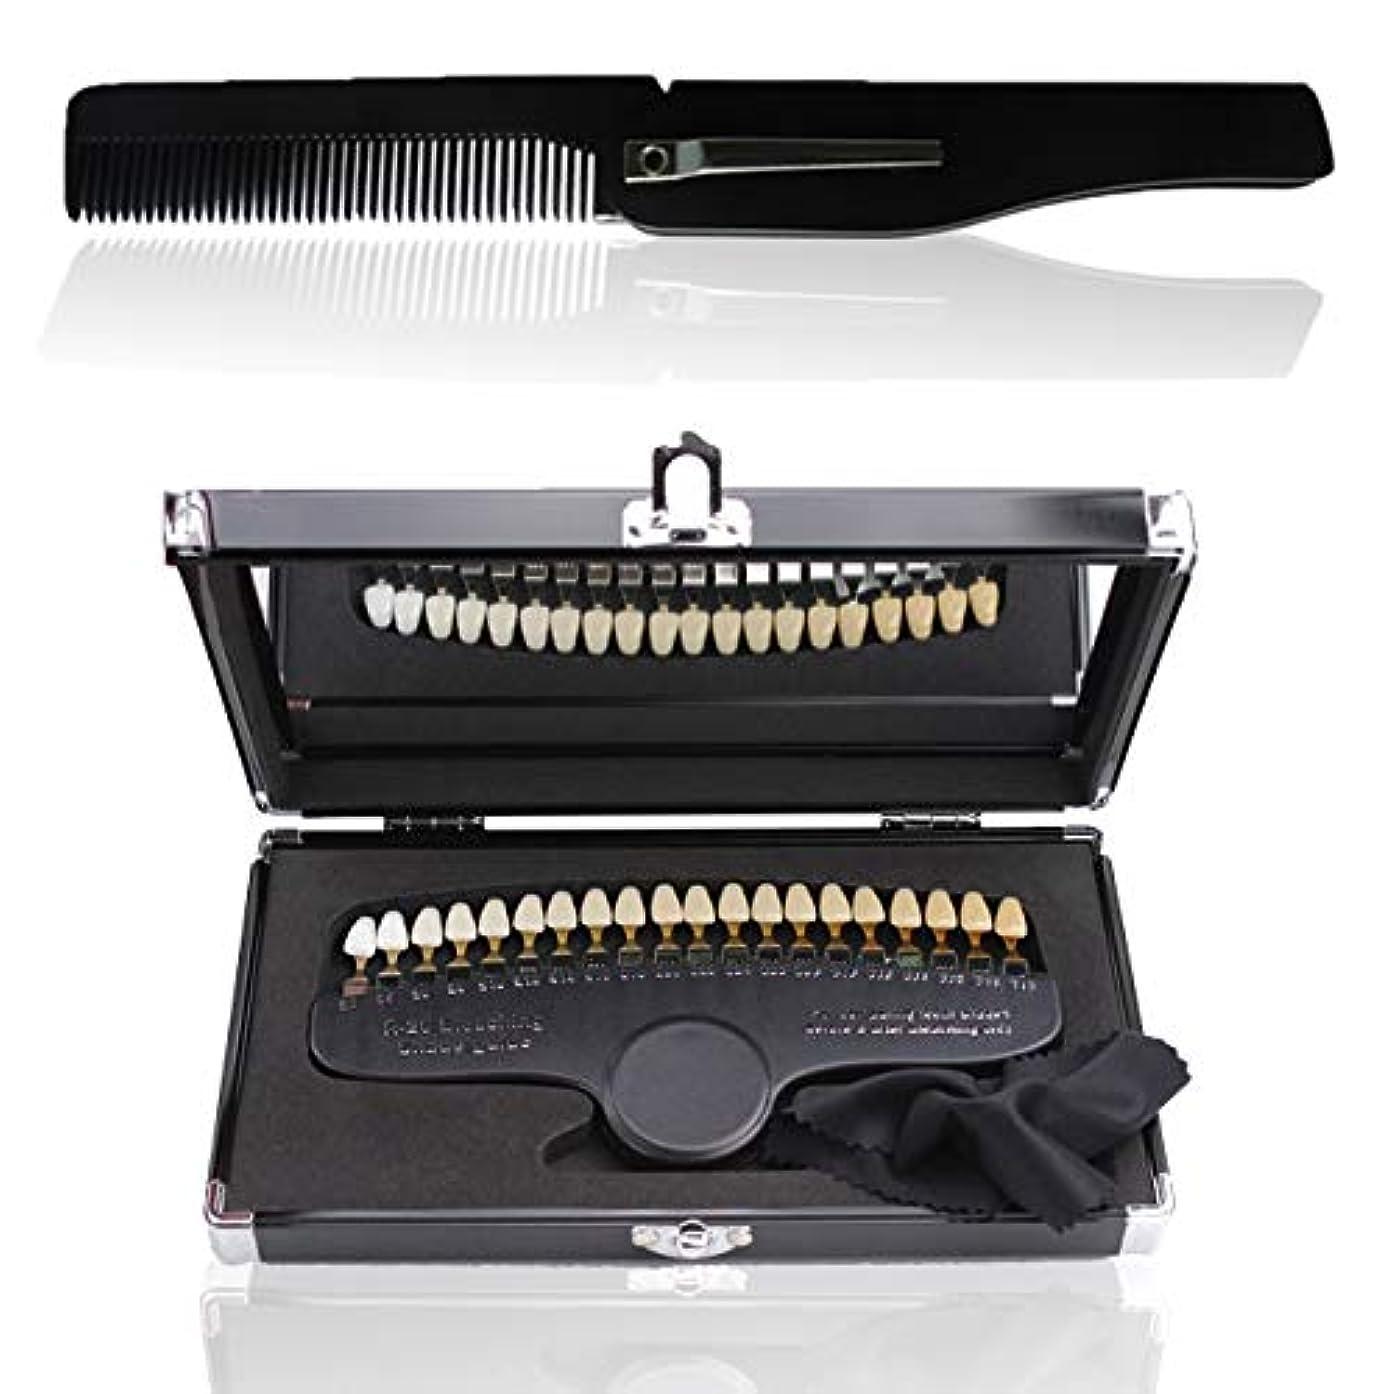 嫌い誤解する弾性フェリモア 歯 シェードガイド 色見本 歯列模型 段階的 櫛付き 鏡付き 収納ケース付き 20段階 (20段階)